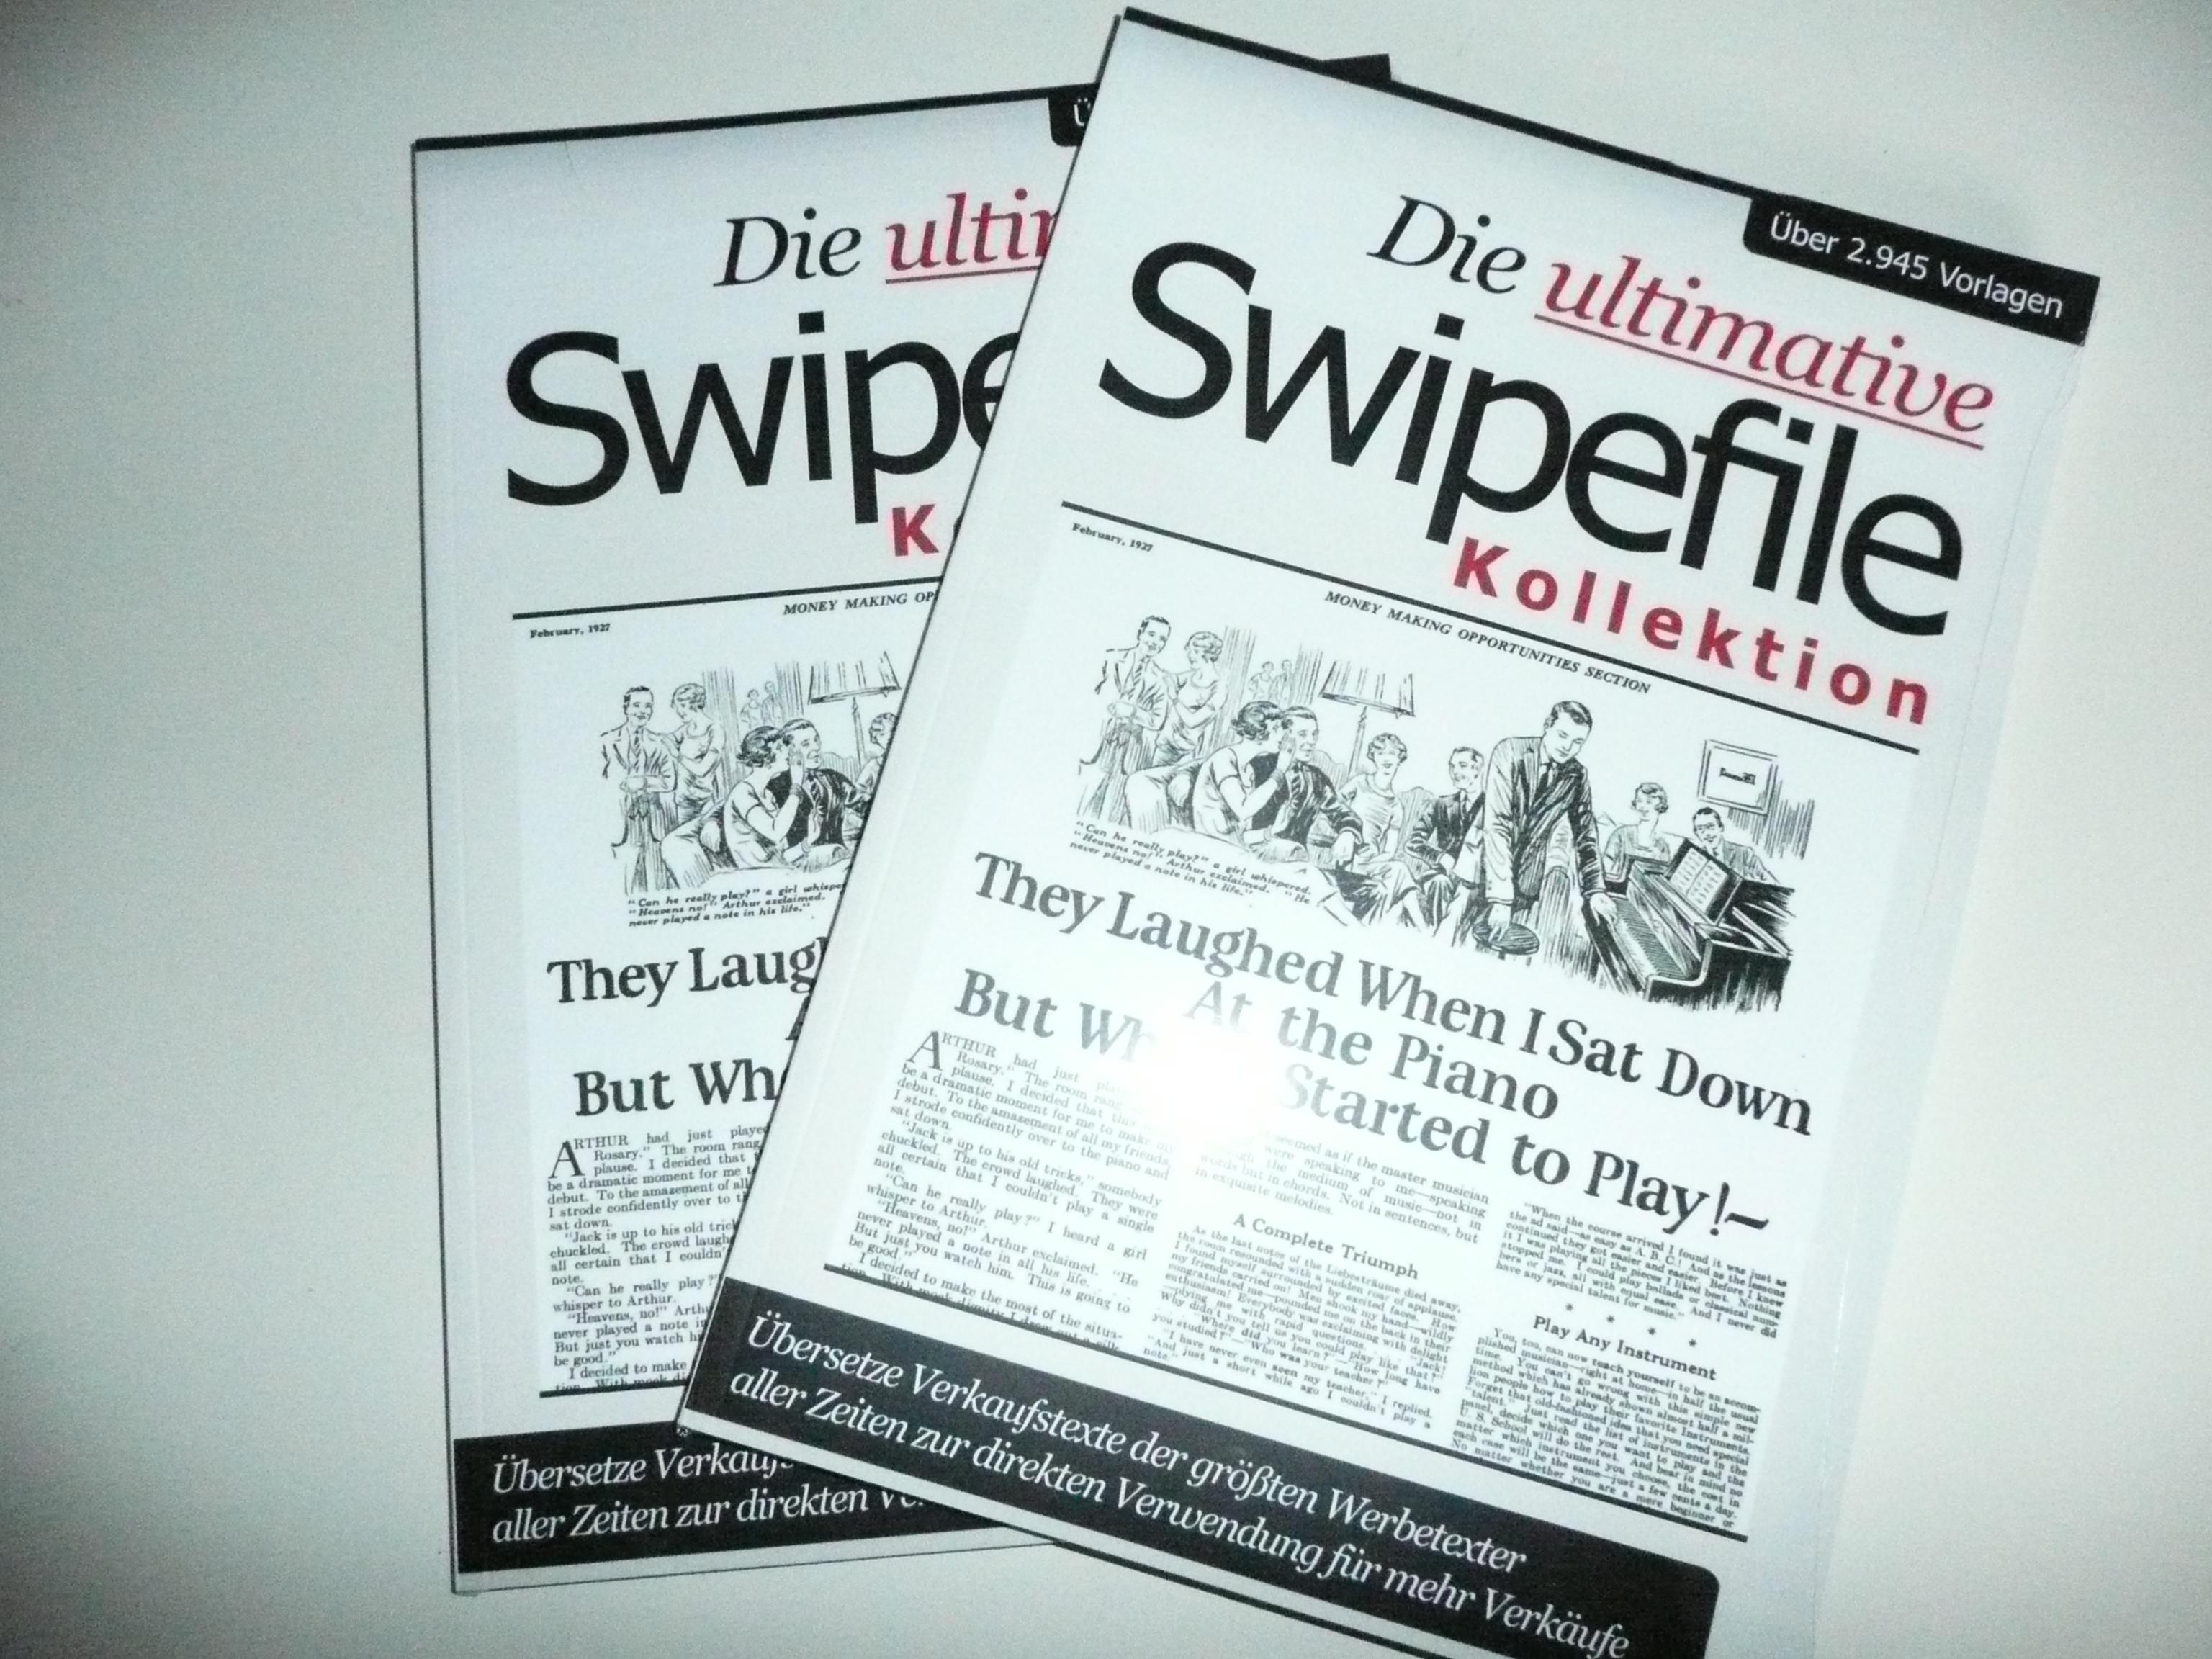 Die ultimative Swipefile Kollektion - Inspiration für tolle Werbetexte